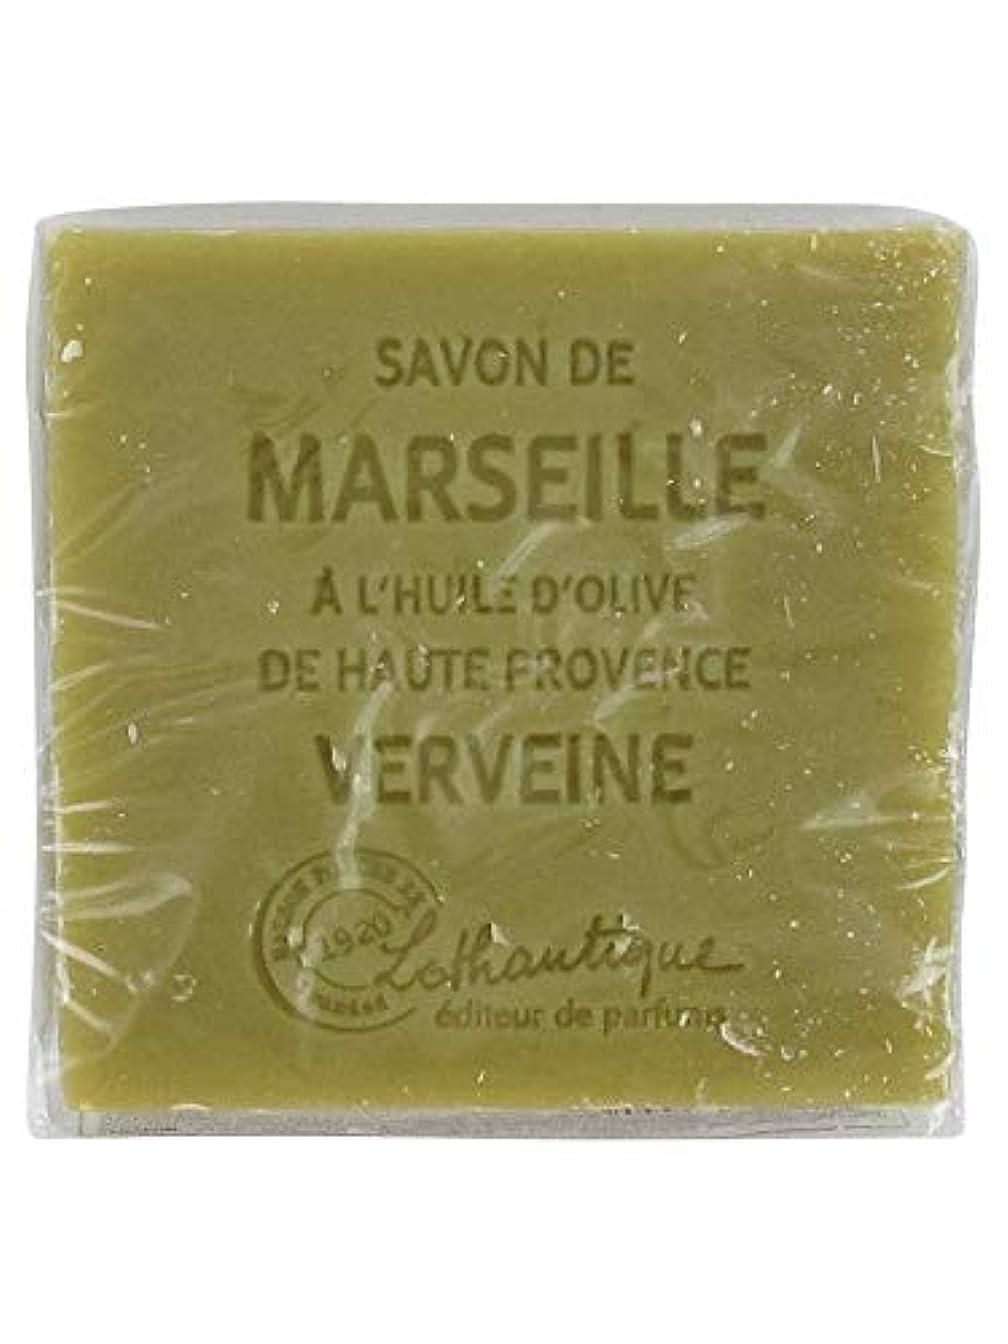 素子葡萄ドアLothantique(ロタンティック) Les savons de Marseille(マルセイユソープ) マルセイユソープ 100g 「ベルベーヌ」 3420070038142